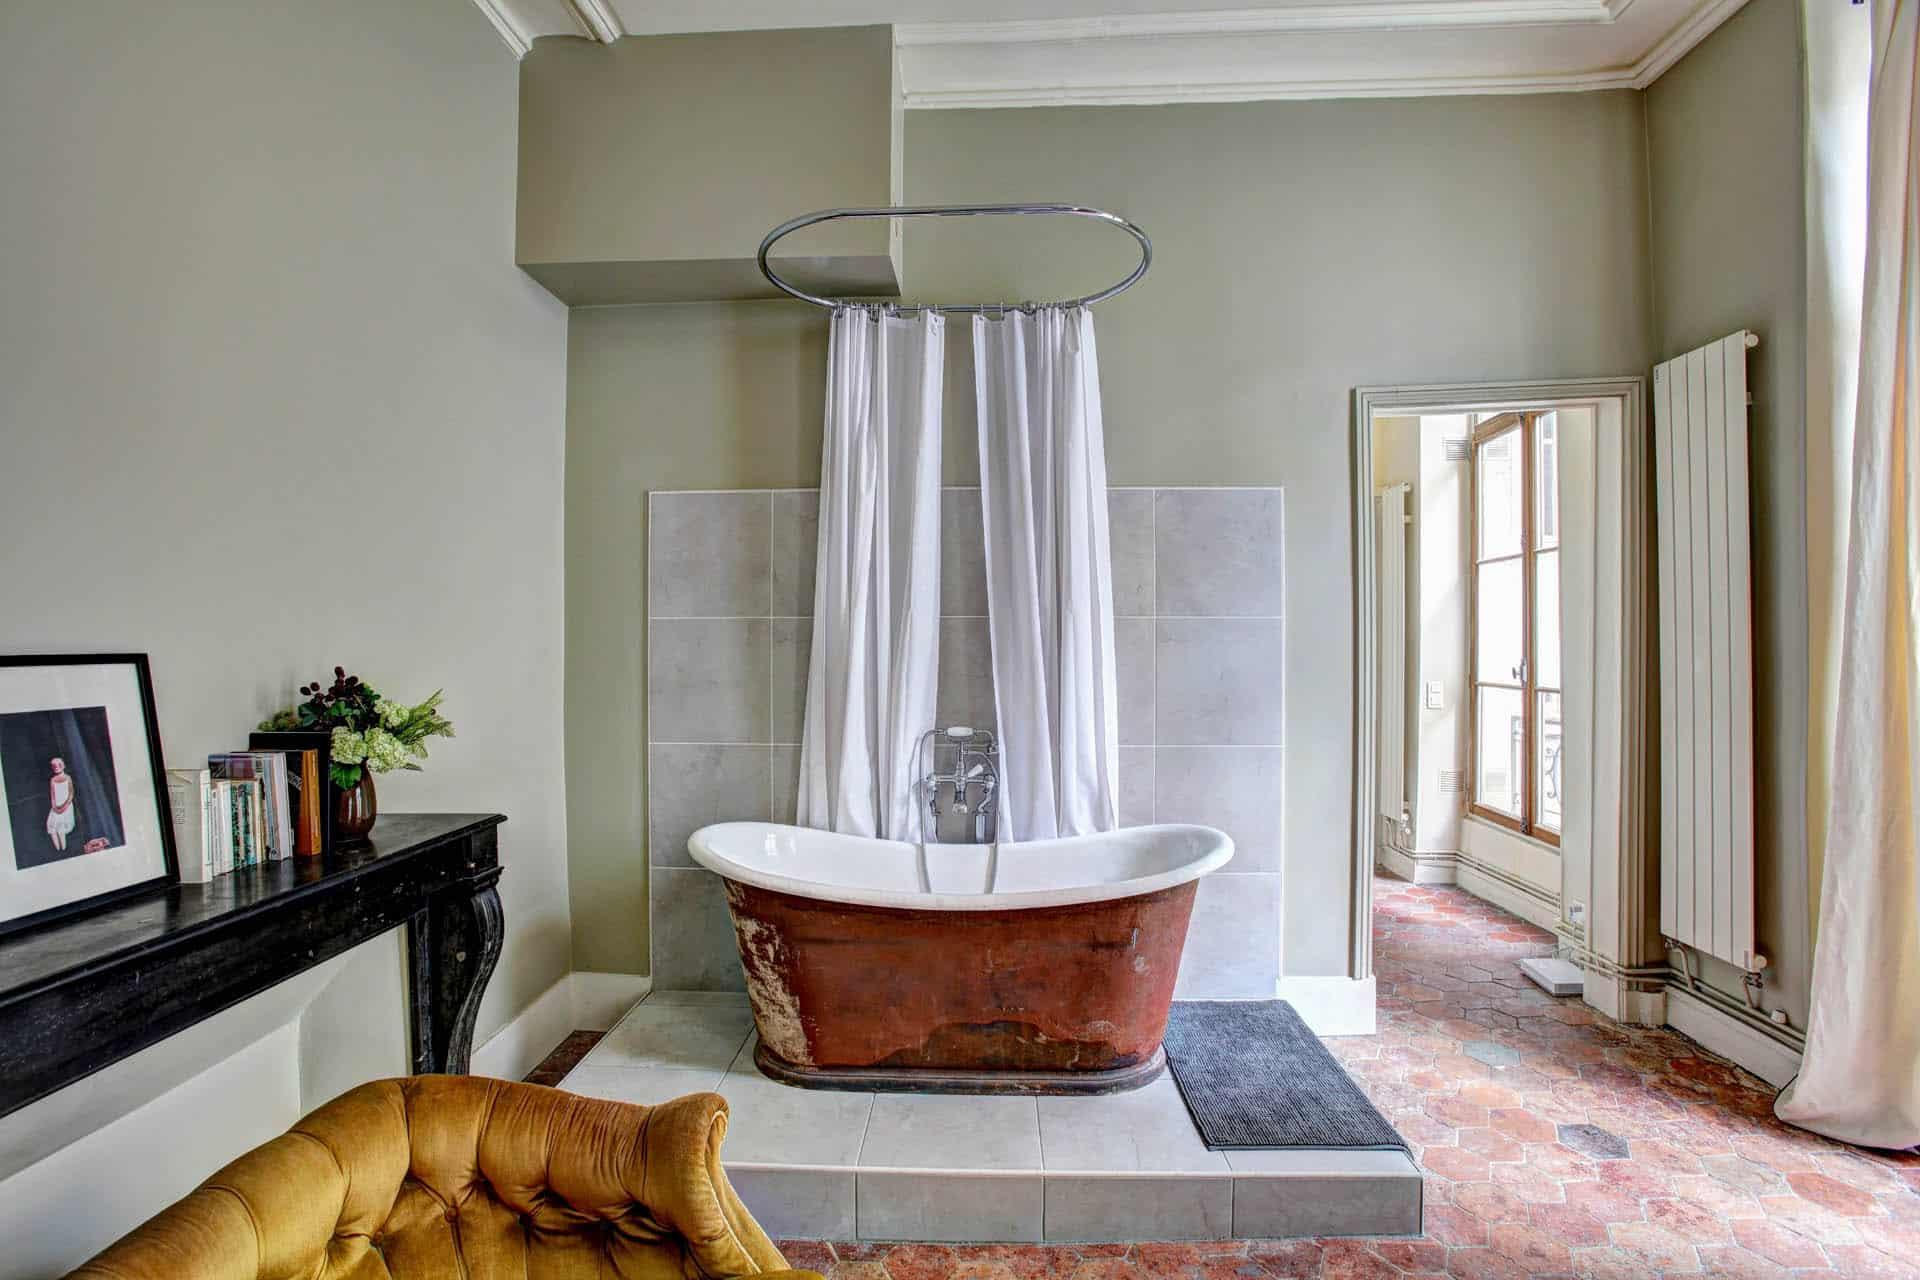 Décoration salle de bains : quelle est la tendance 2019 ?